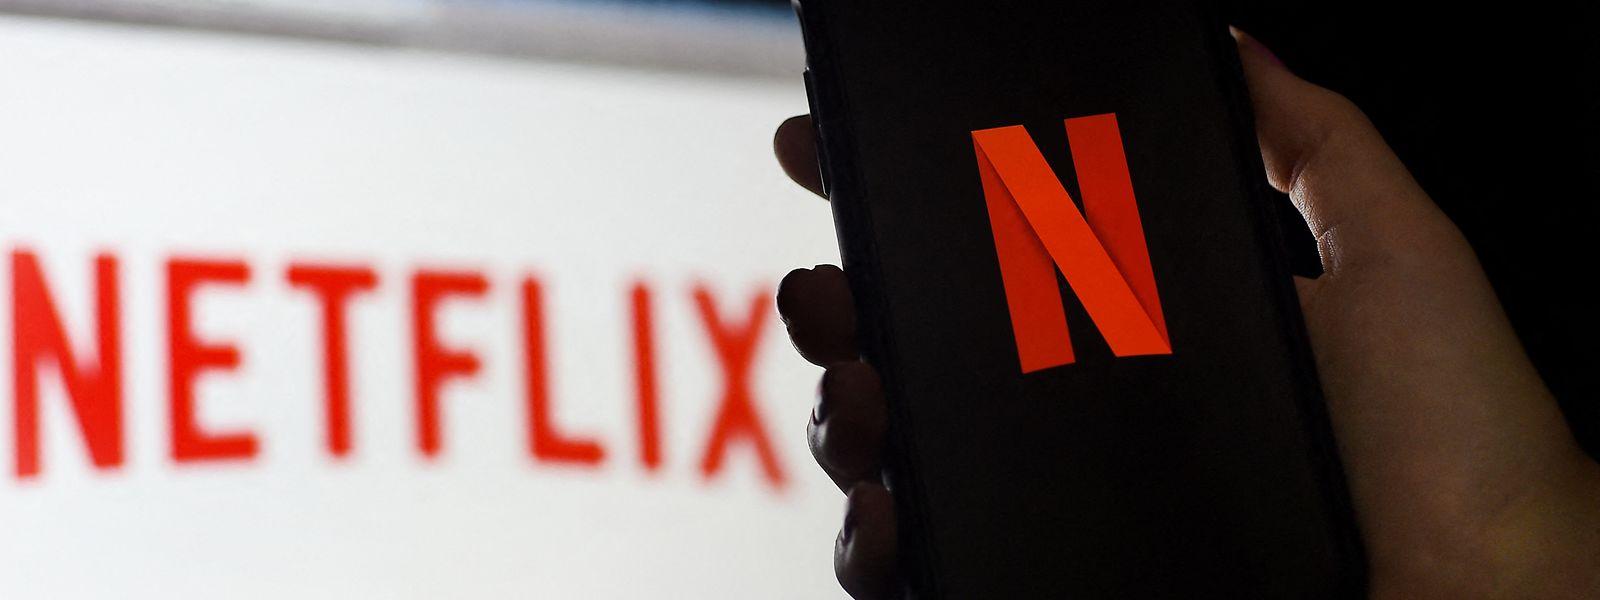 Neben dem Hauptgeschäft mit Streaming stellt Netflix zusehends die Weichen, um in neue Märkte vorzudringen.